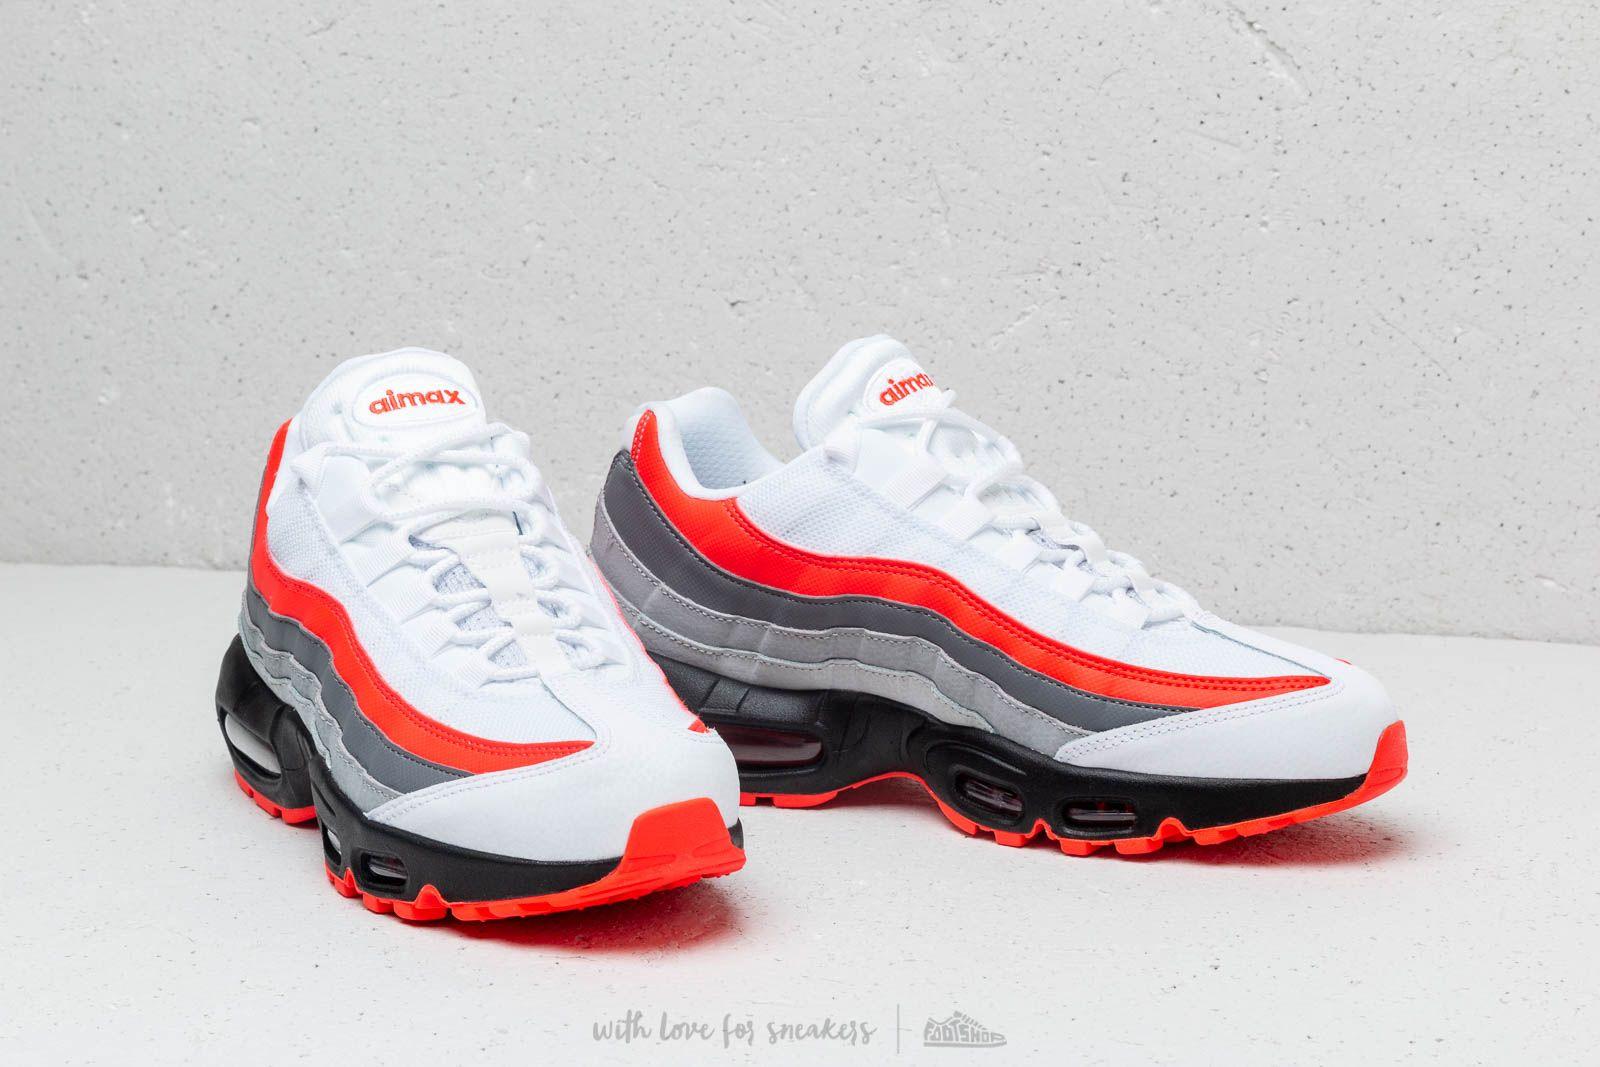 Nike Air Max 95 Essential WhiteBright Crimson Men's Running